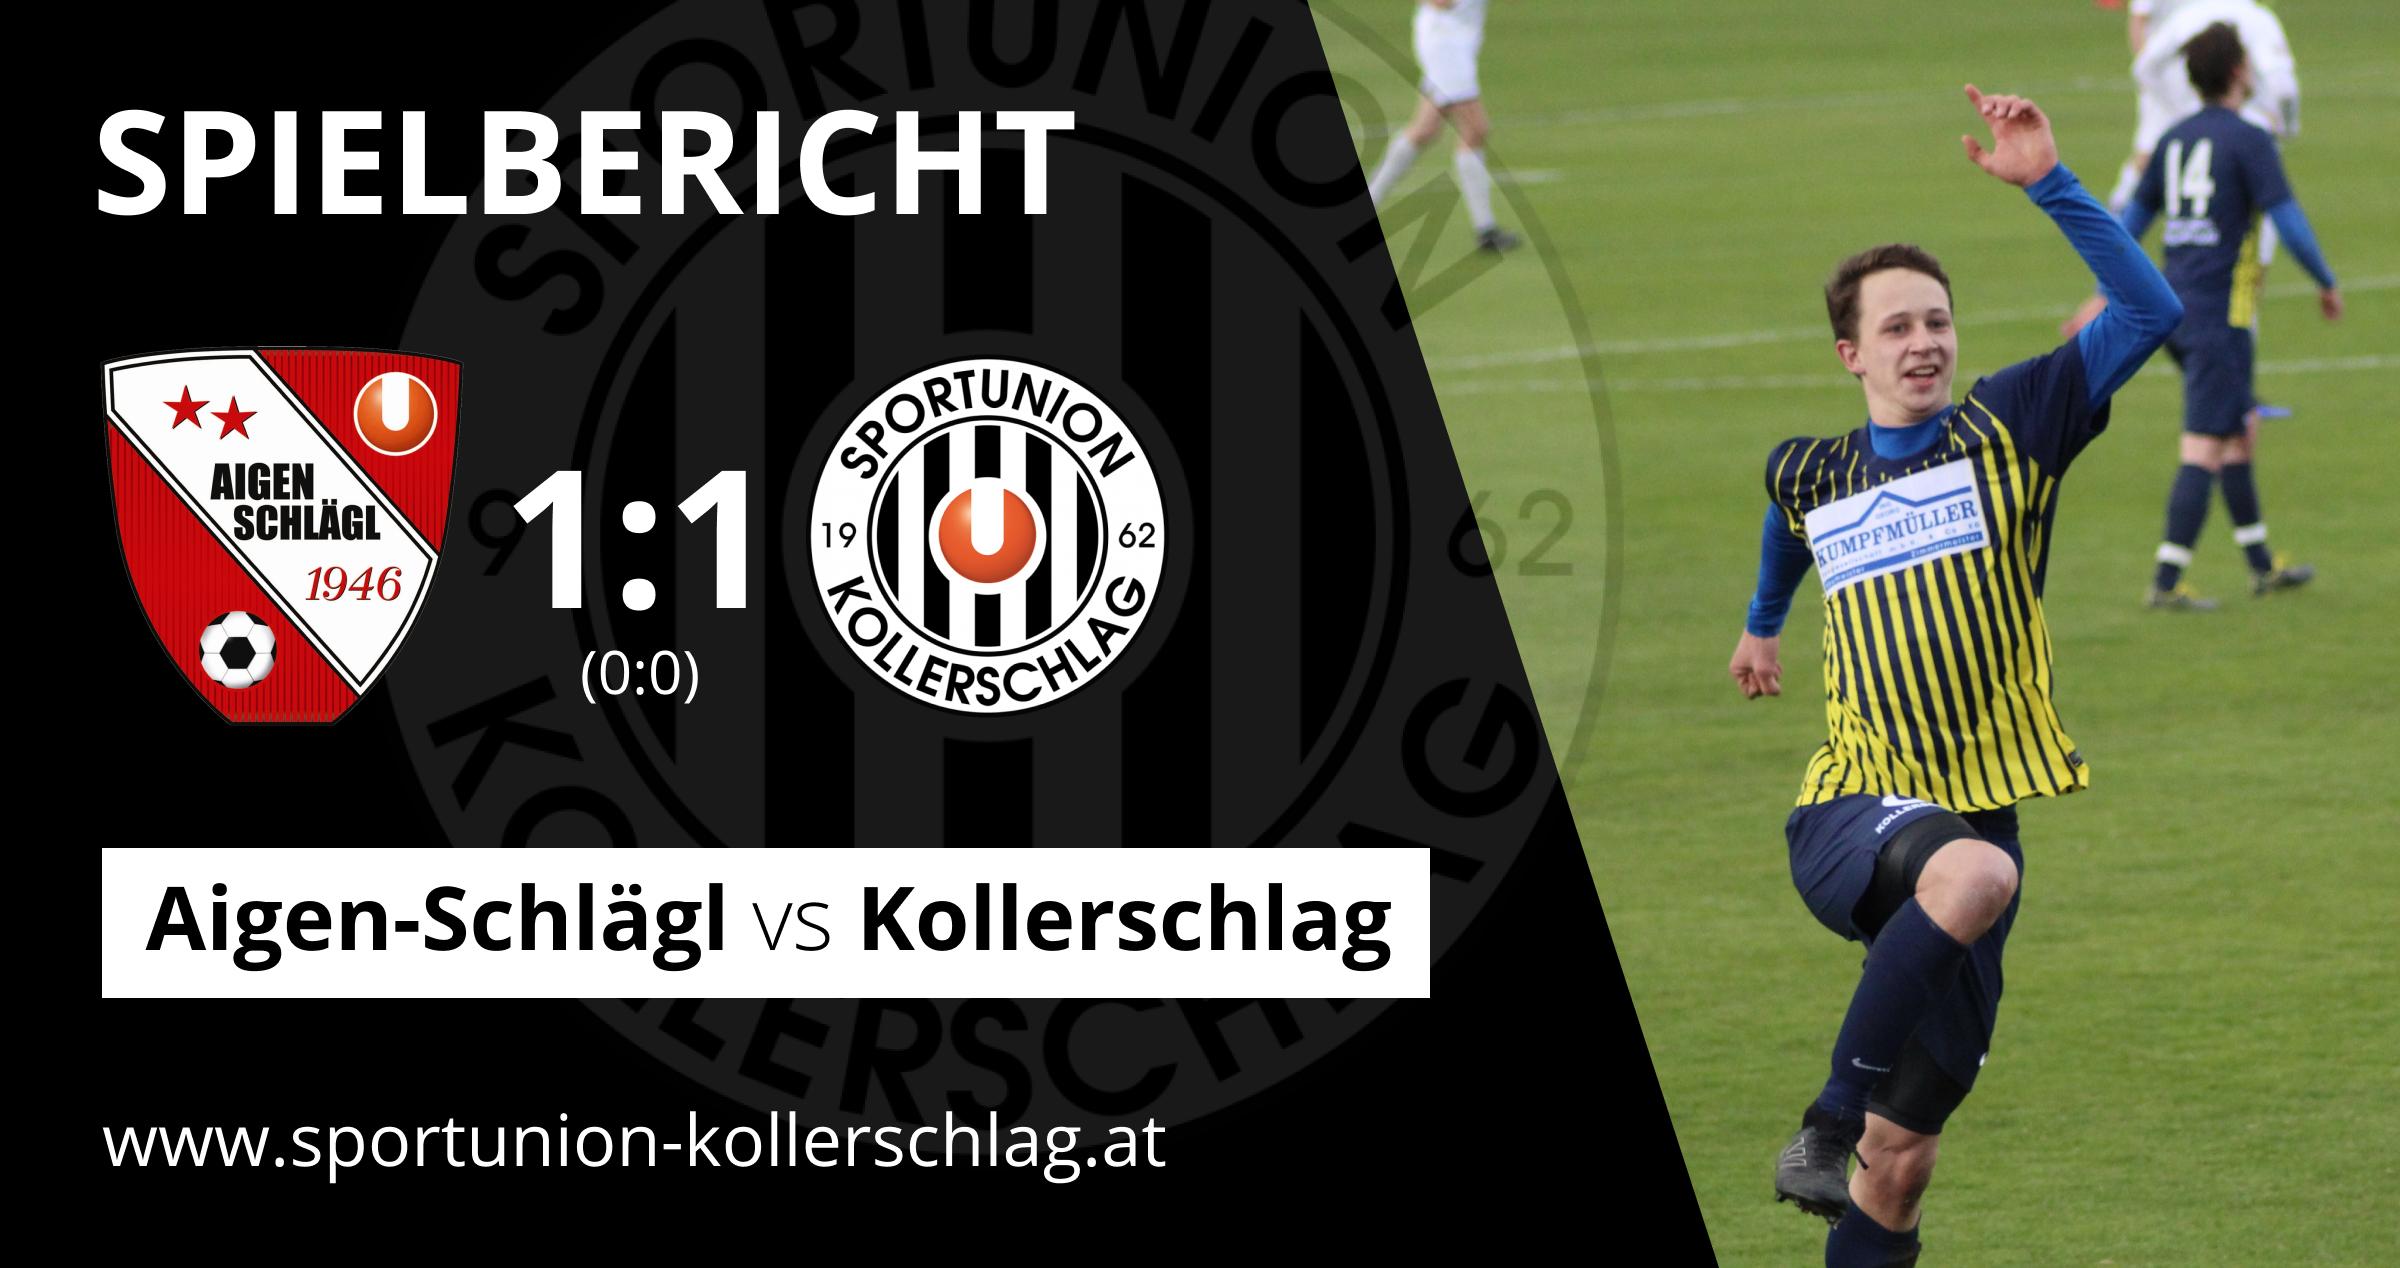 Last-Minute-Ausgleich! 1:1 Unentschieden gegen Aigen-Schlägl